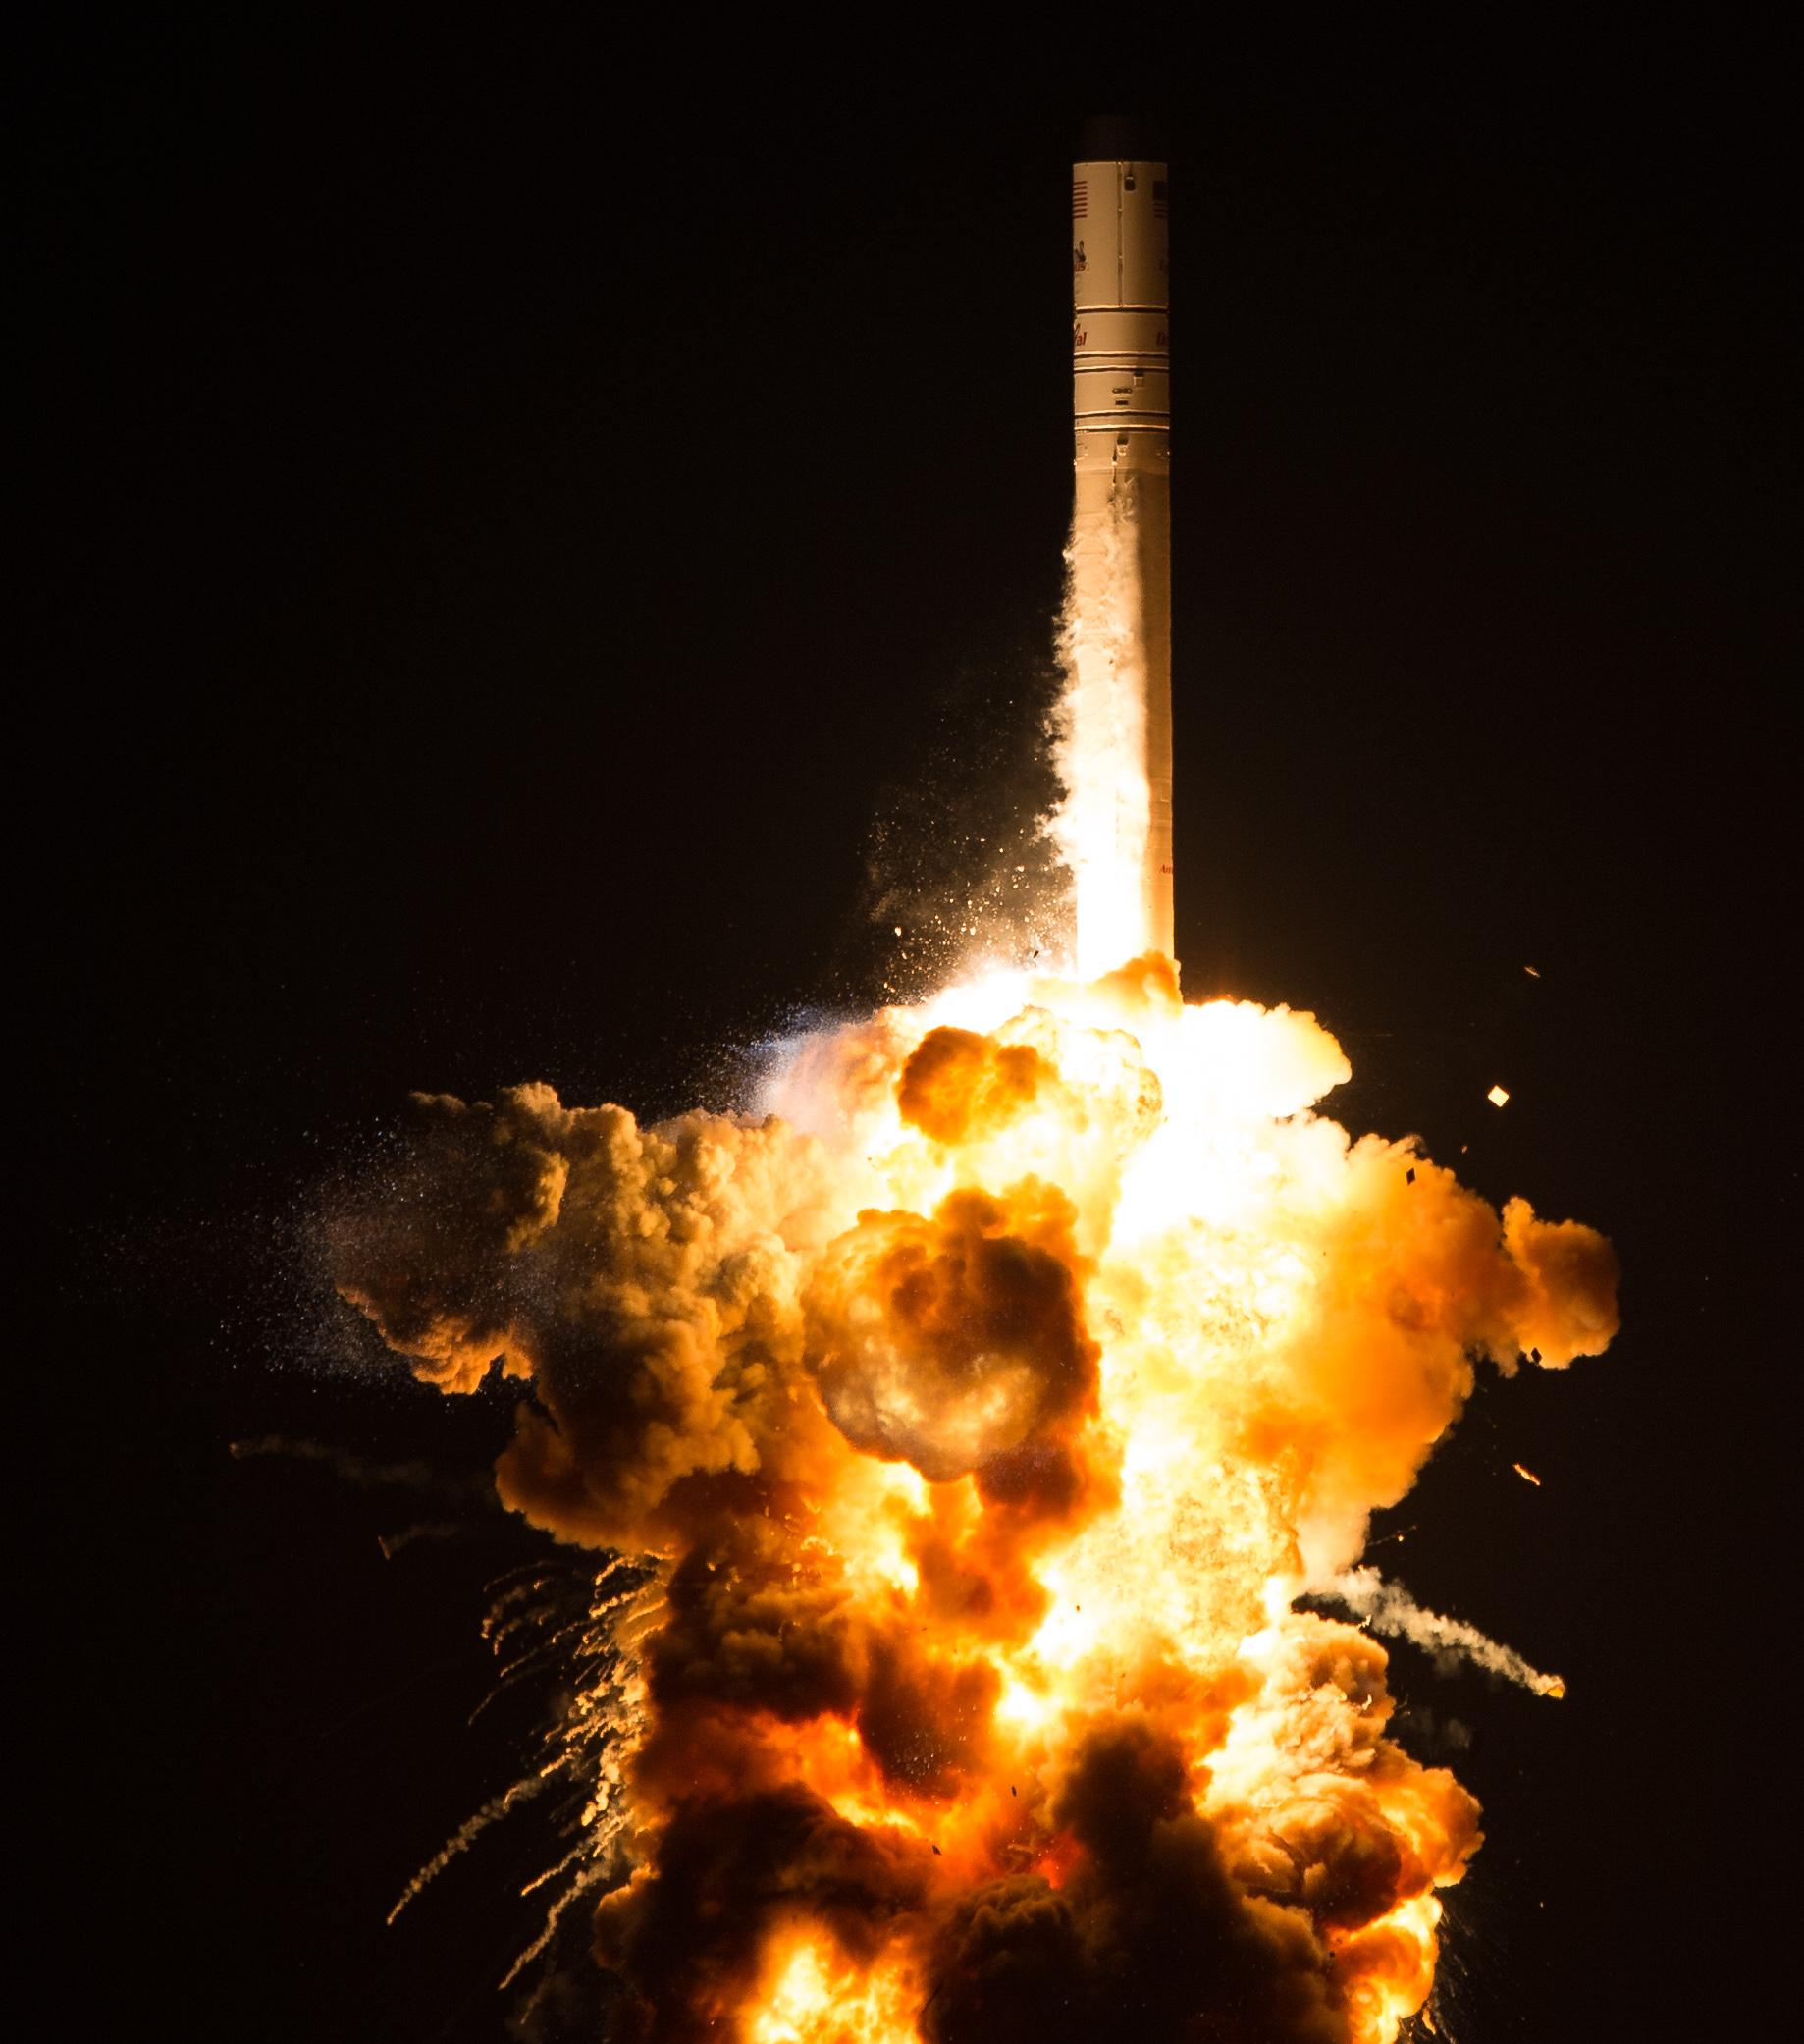 nasa explosion with teacher - HD1838×2082